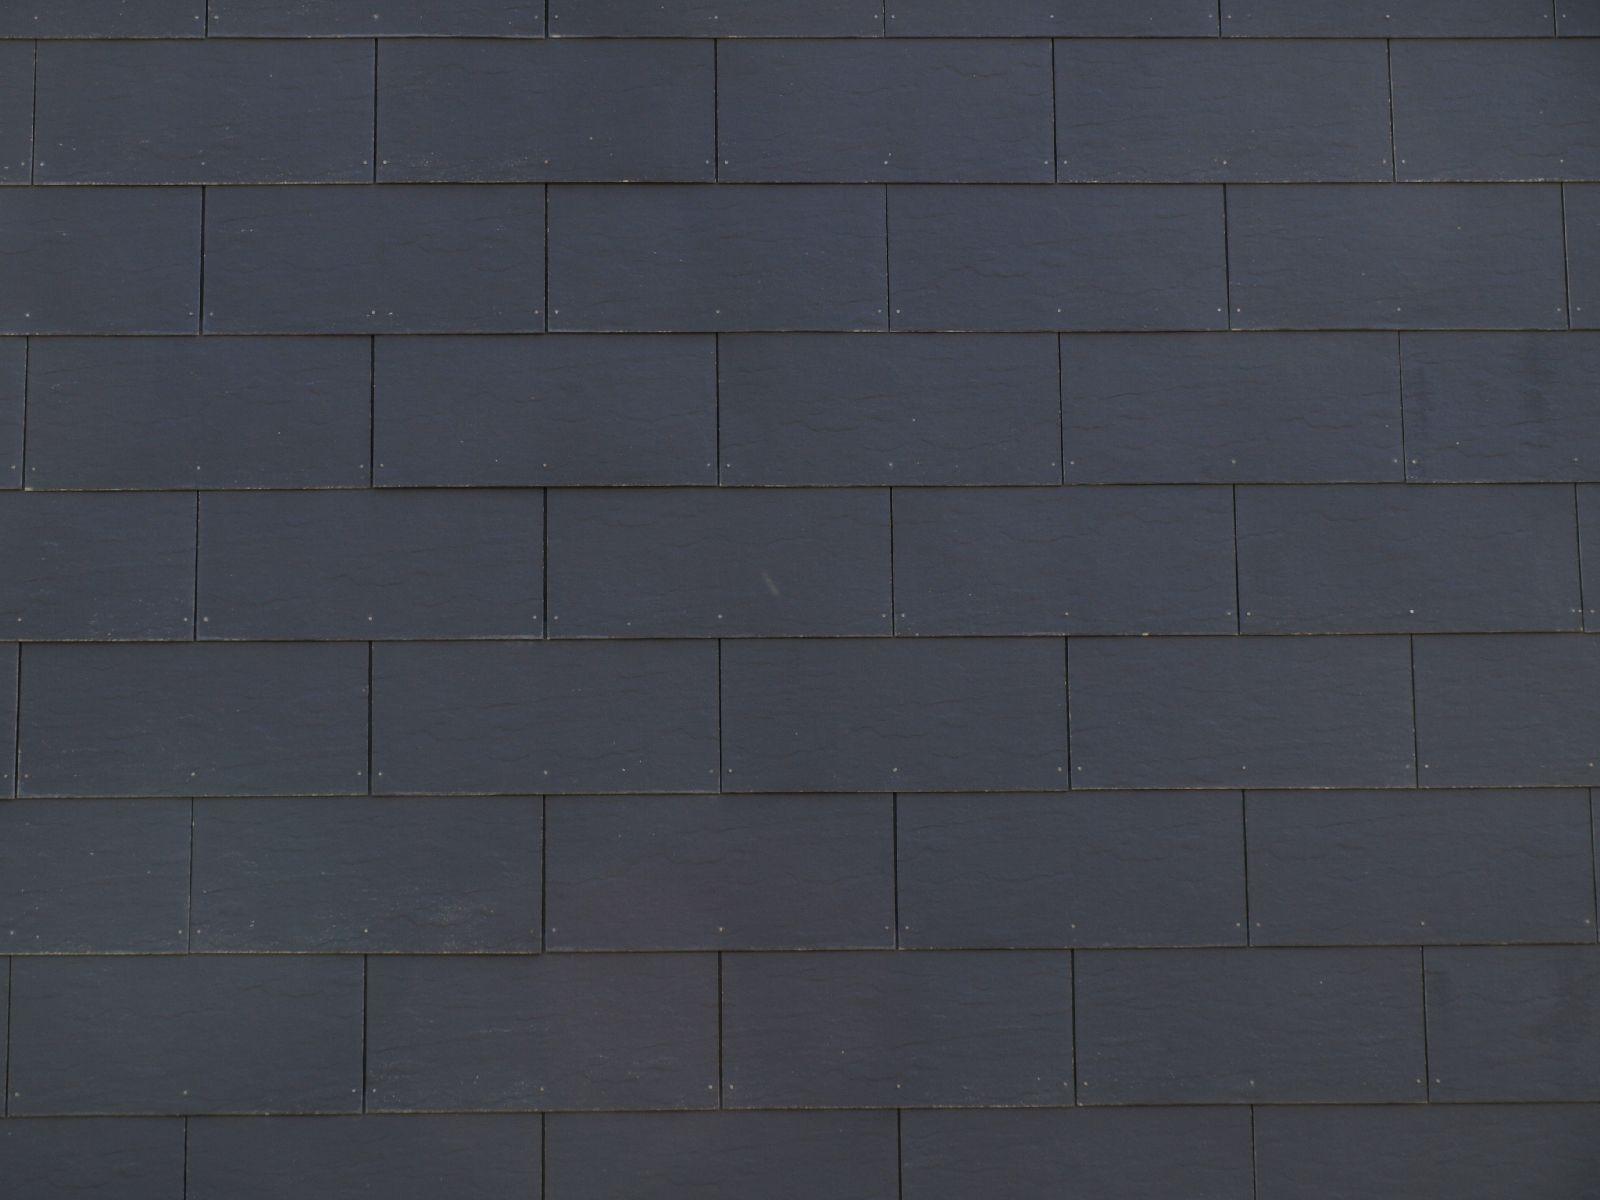 Ground-Urban_Texture_A_P6153469